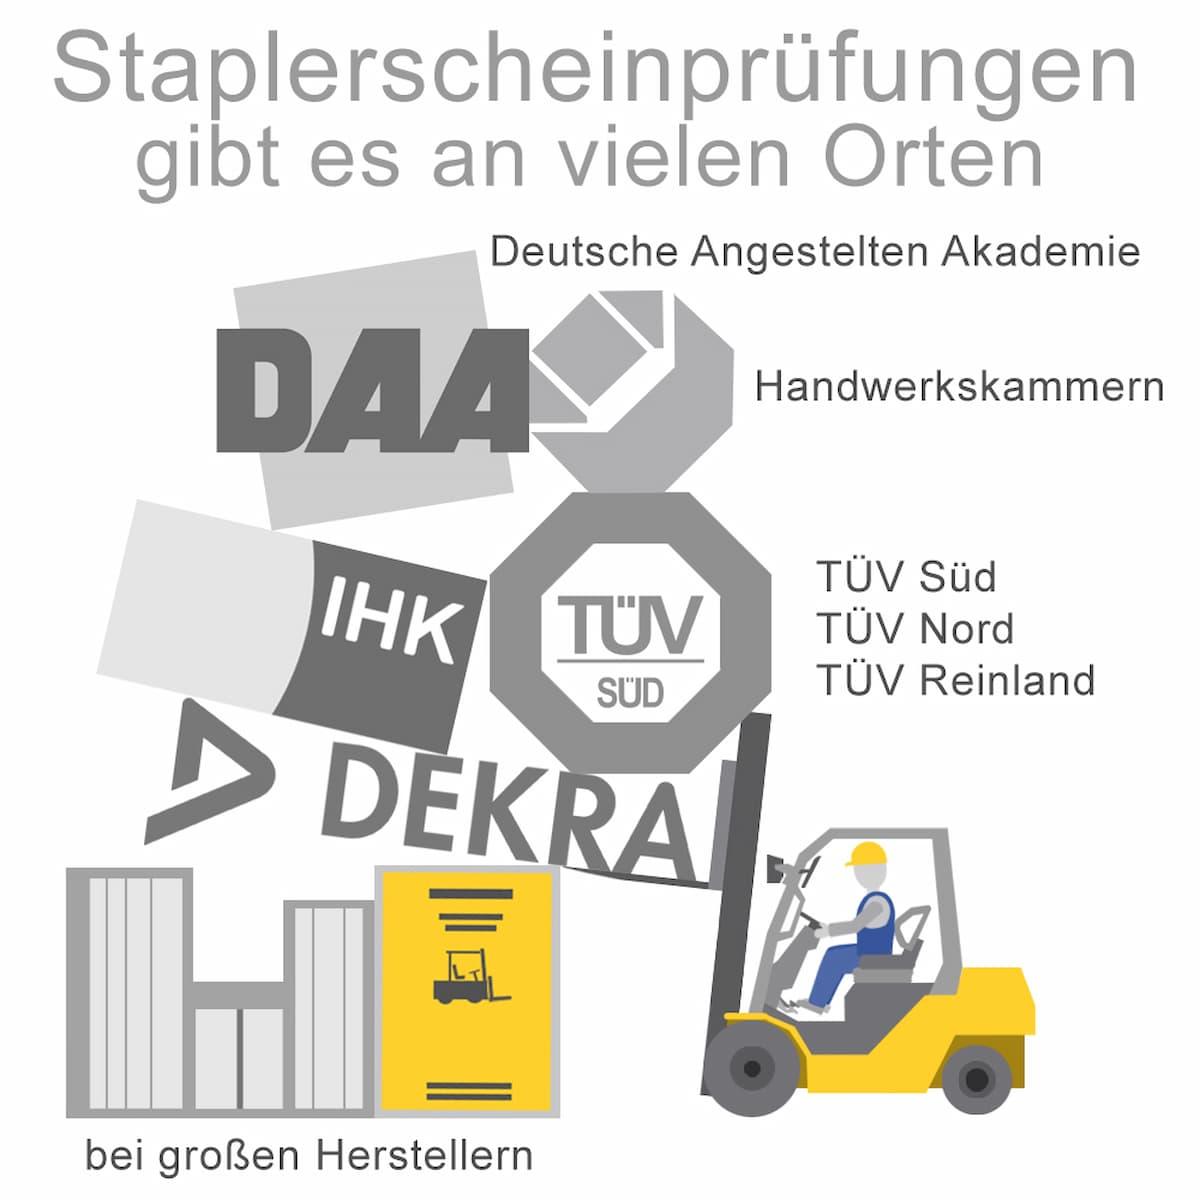 Staplerfahrer: Ausbildung und Prüfung bei vielen Anbietern möglich